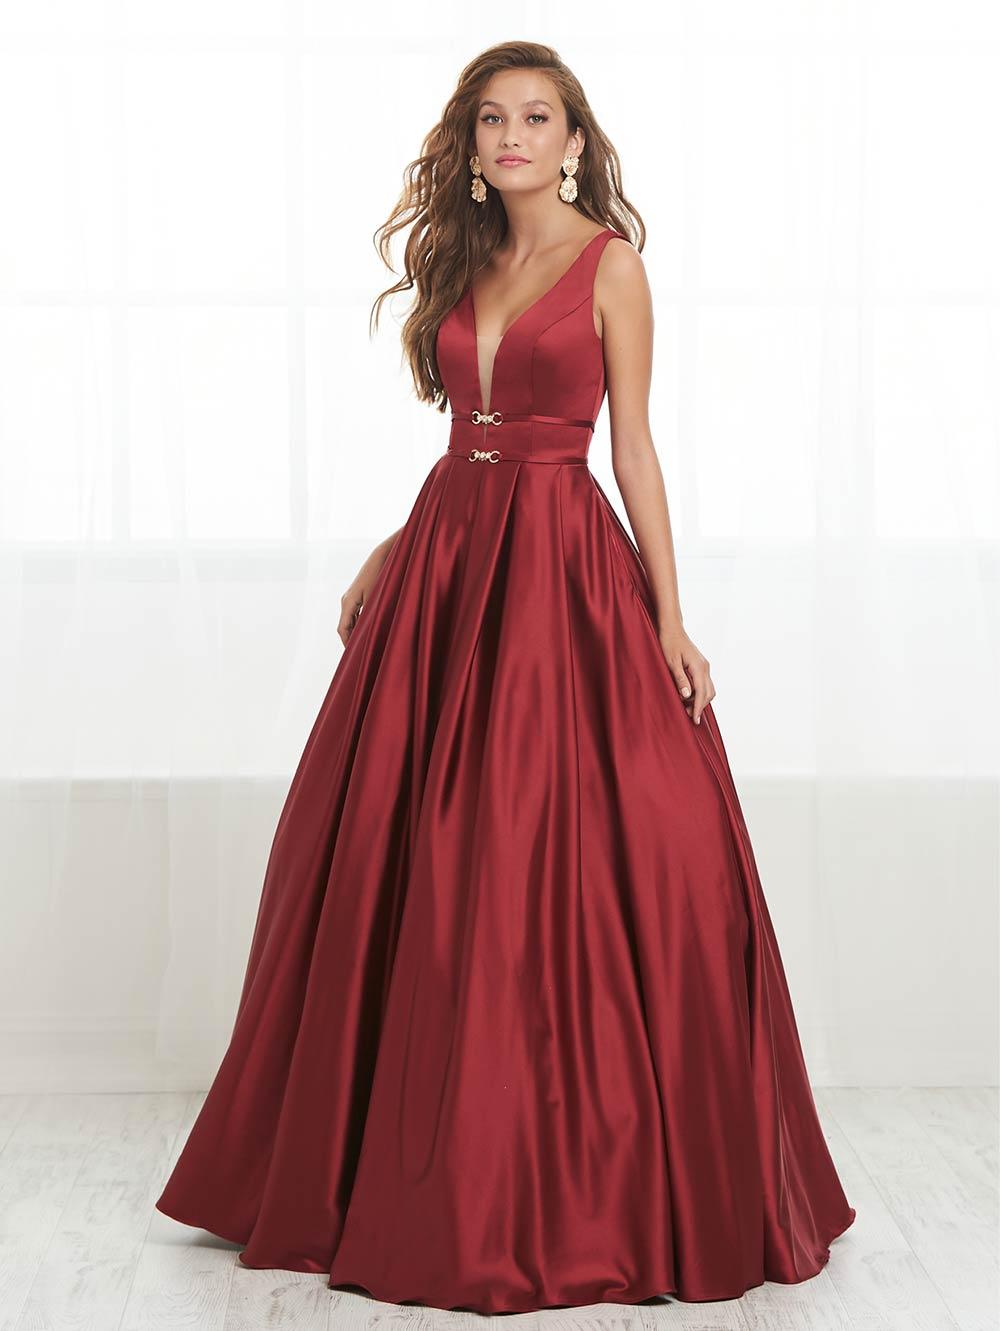 prom-dresses-jacquelin-bridals-canada-27877